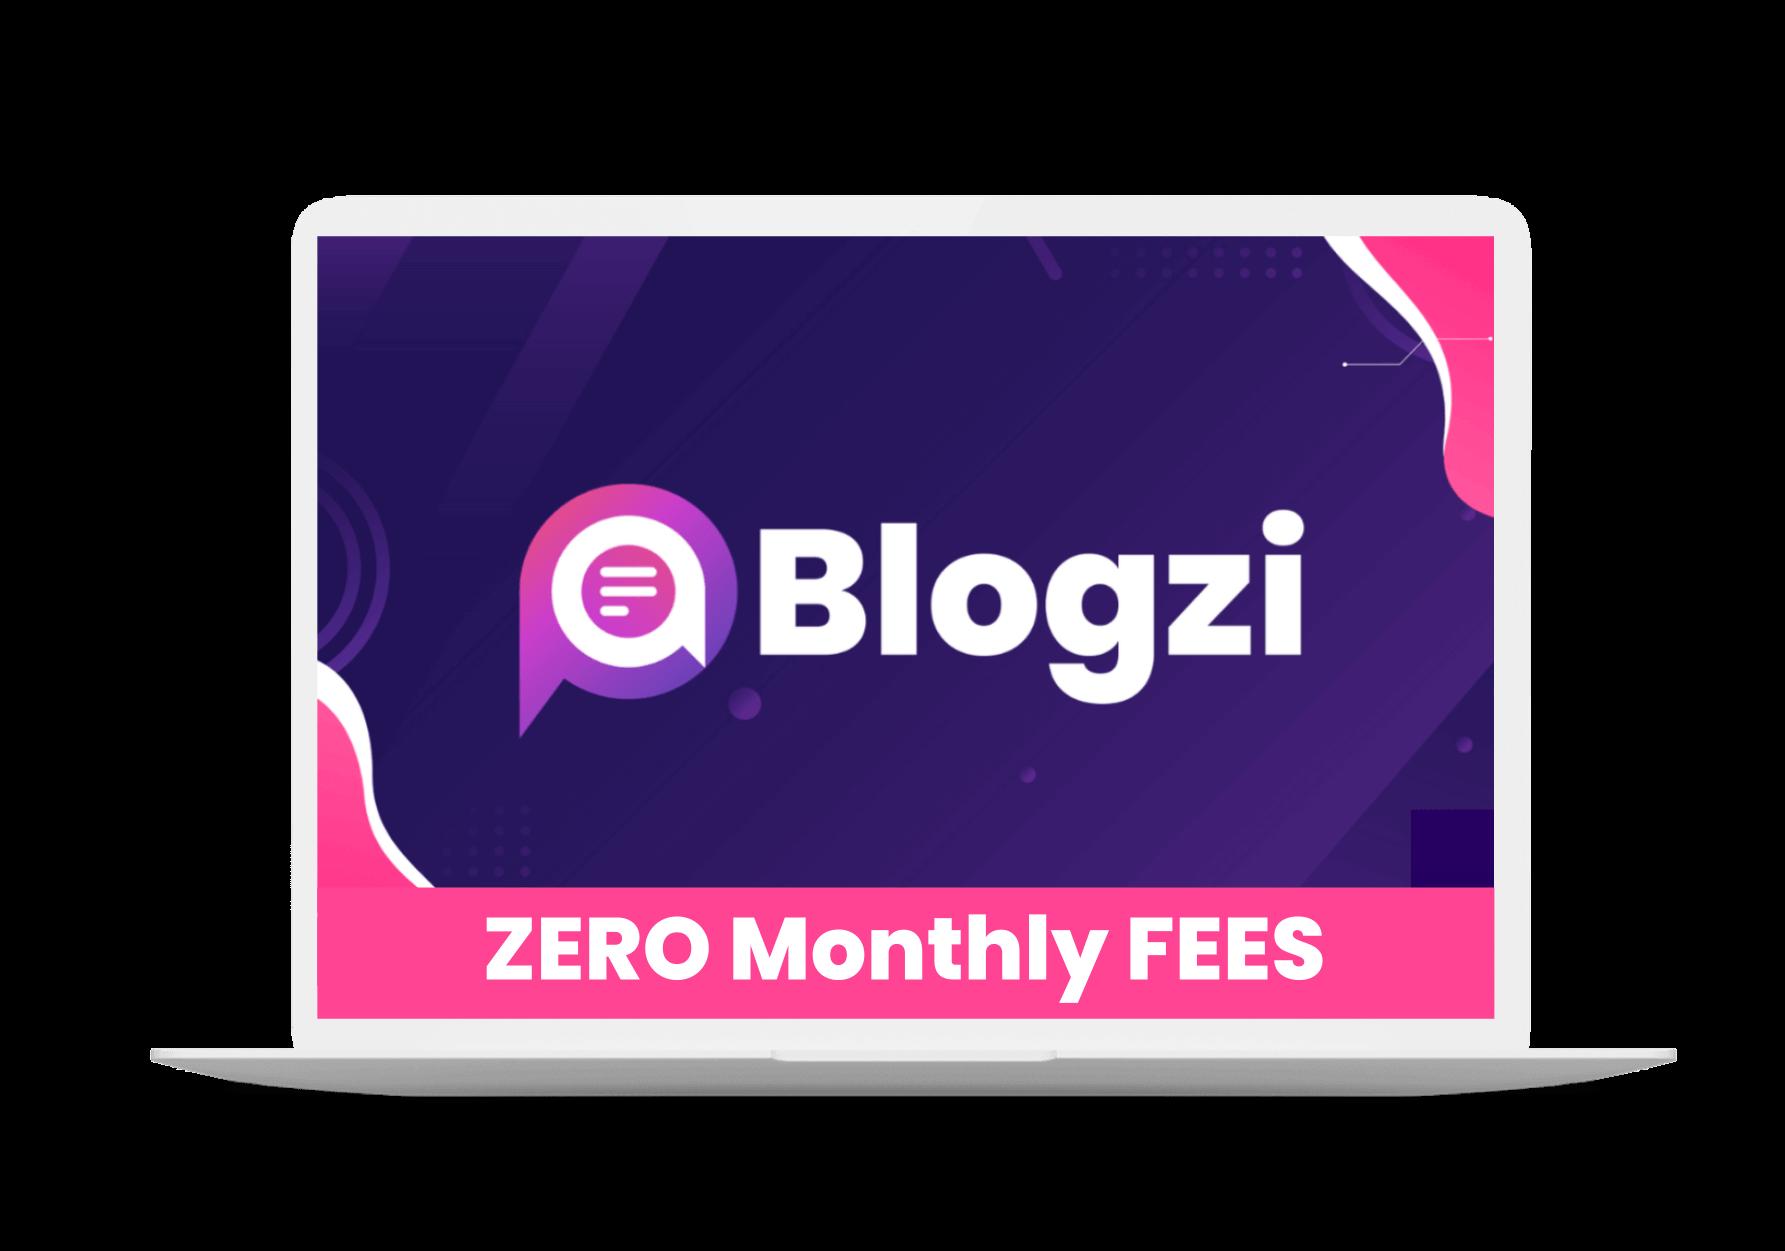 Blogzi-feature-11